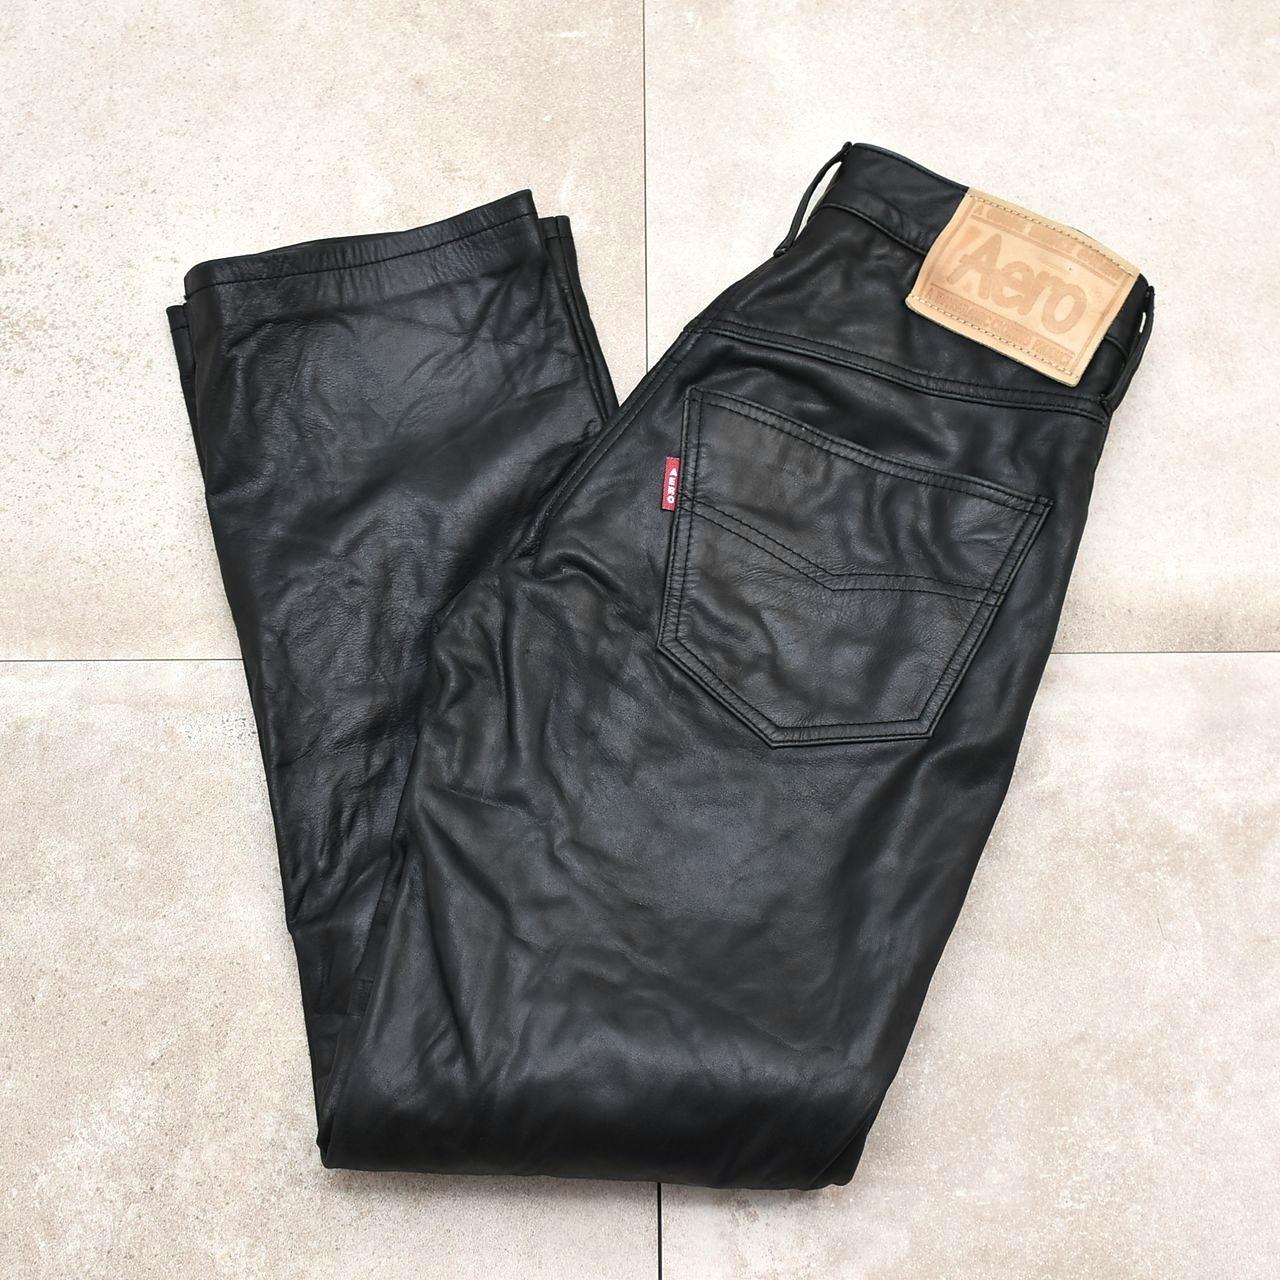 Aero Steerhide black leather pants